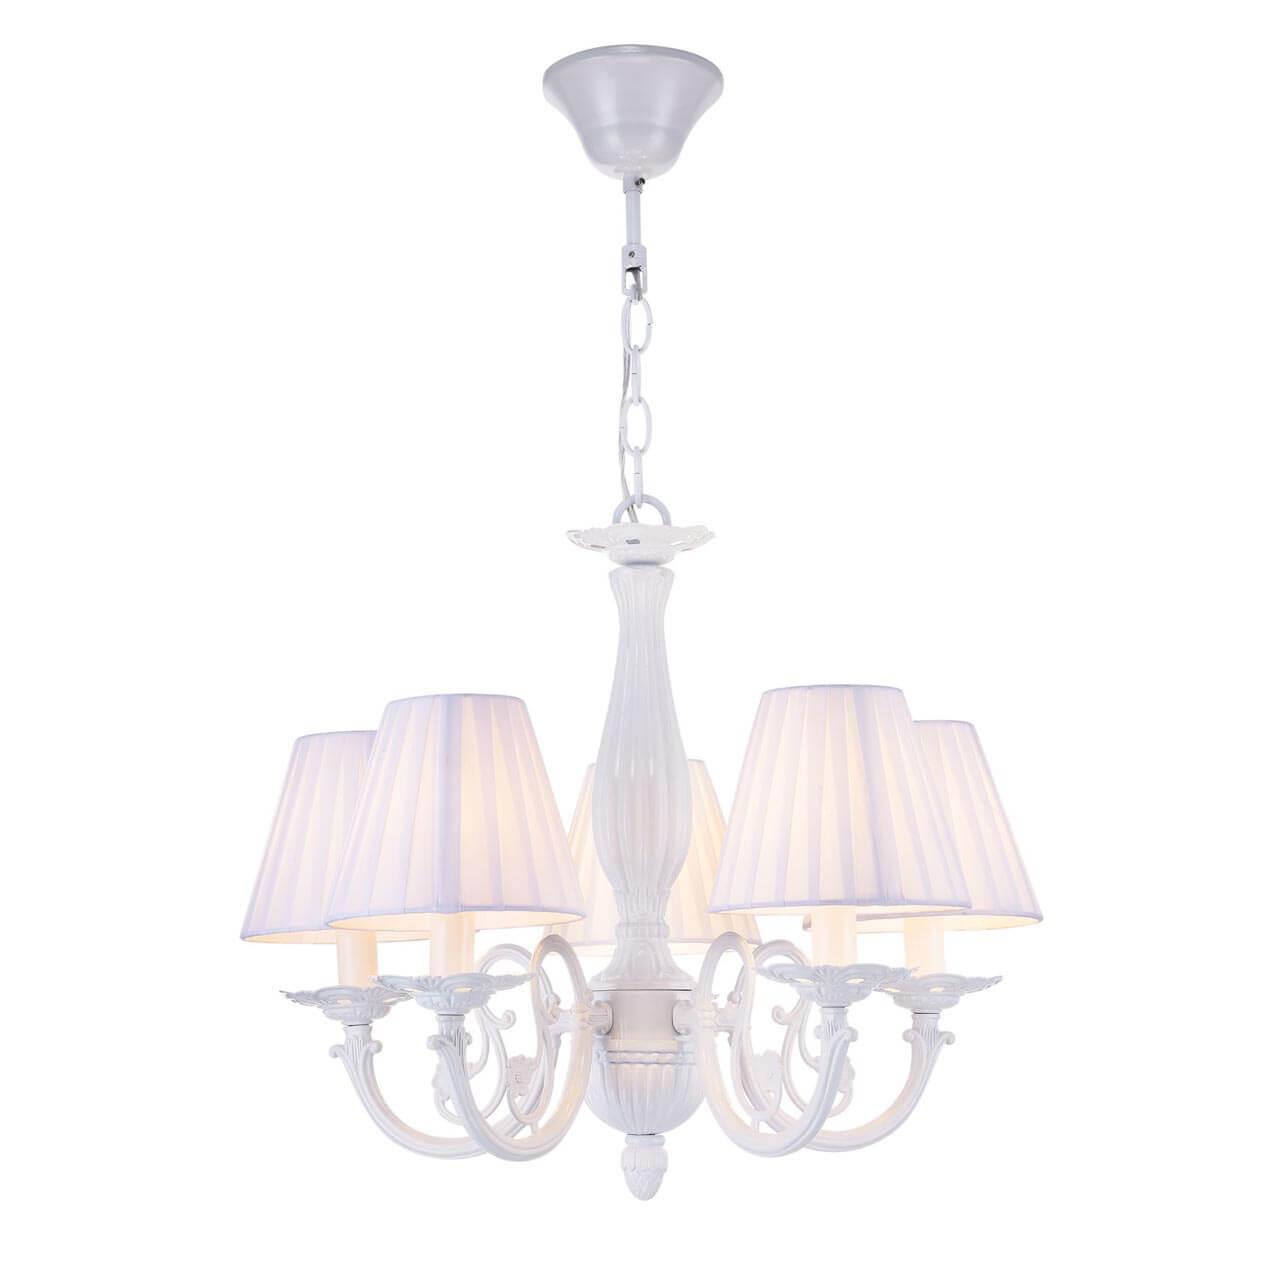 Подвесной светильник Freya FR2686PL-05W, E14, 40 Вт подвесная люстра jasmine fr2686pl 06w